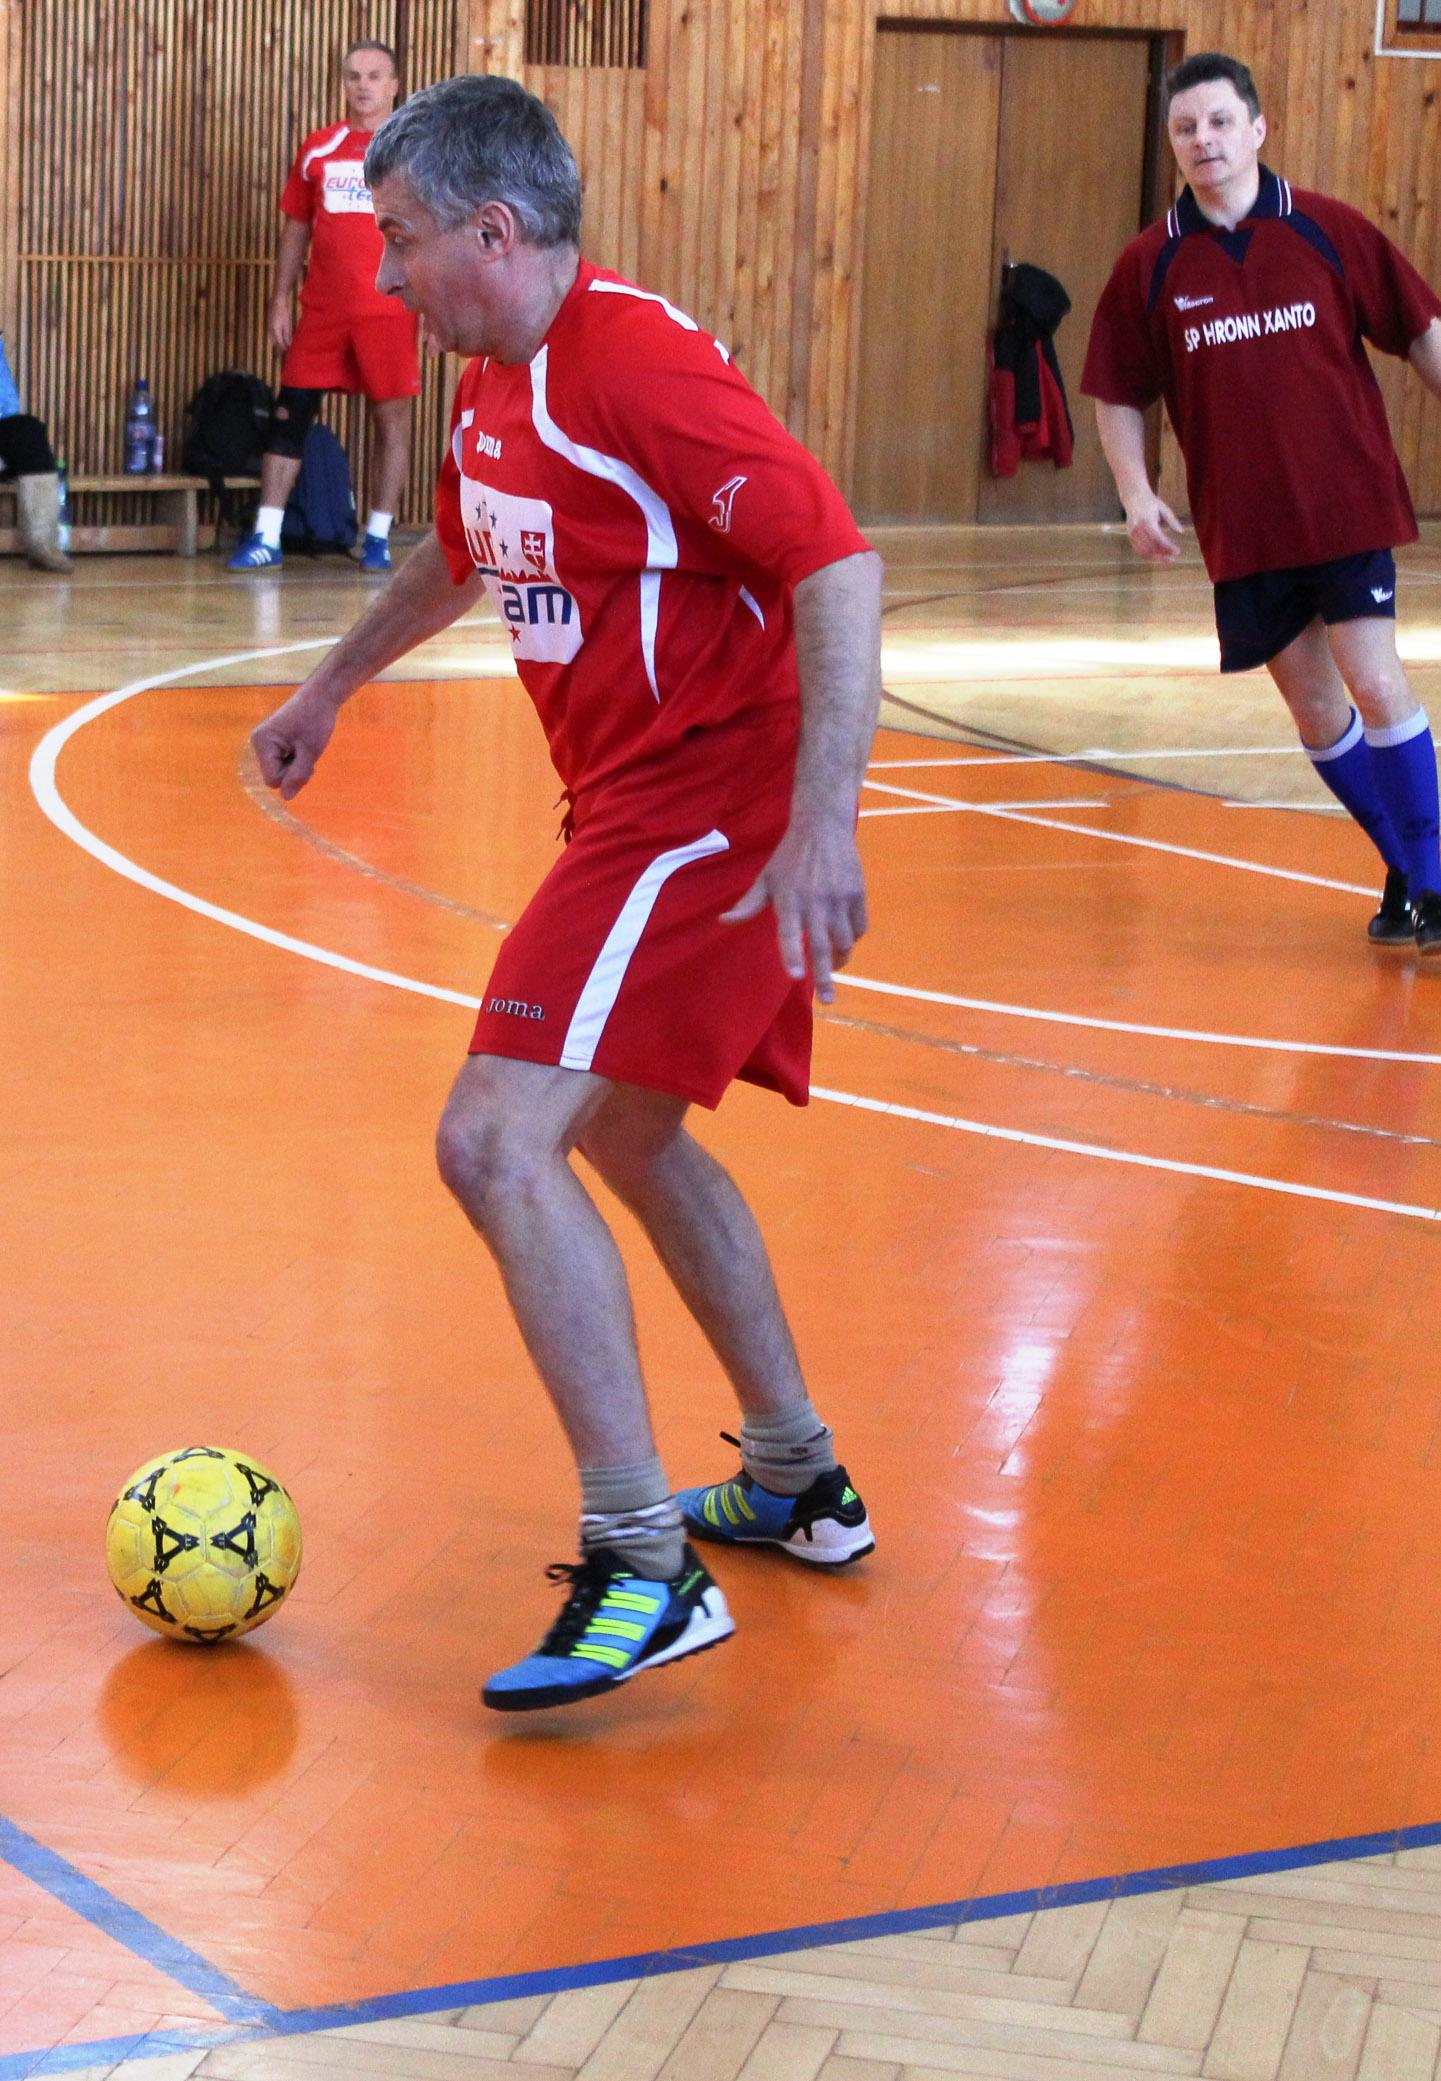 xanto-euroteam-liga-40-12-kolo-8